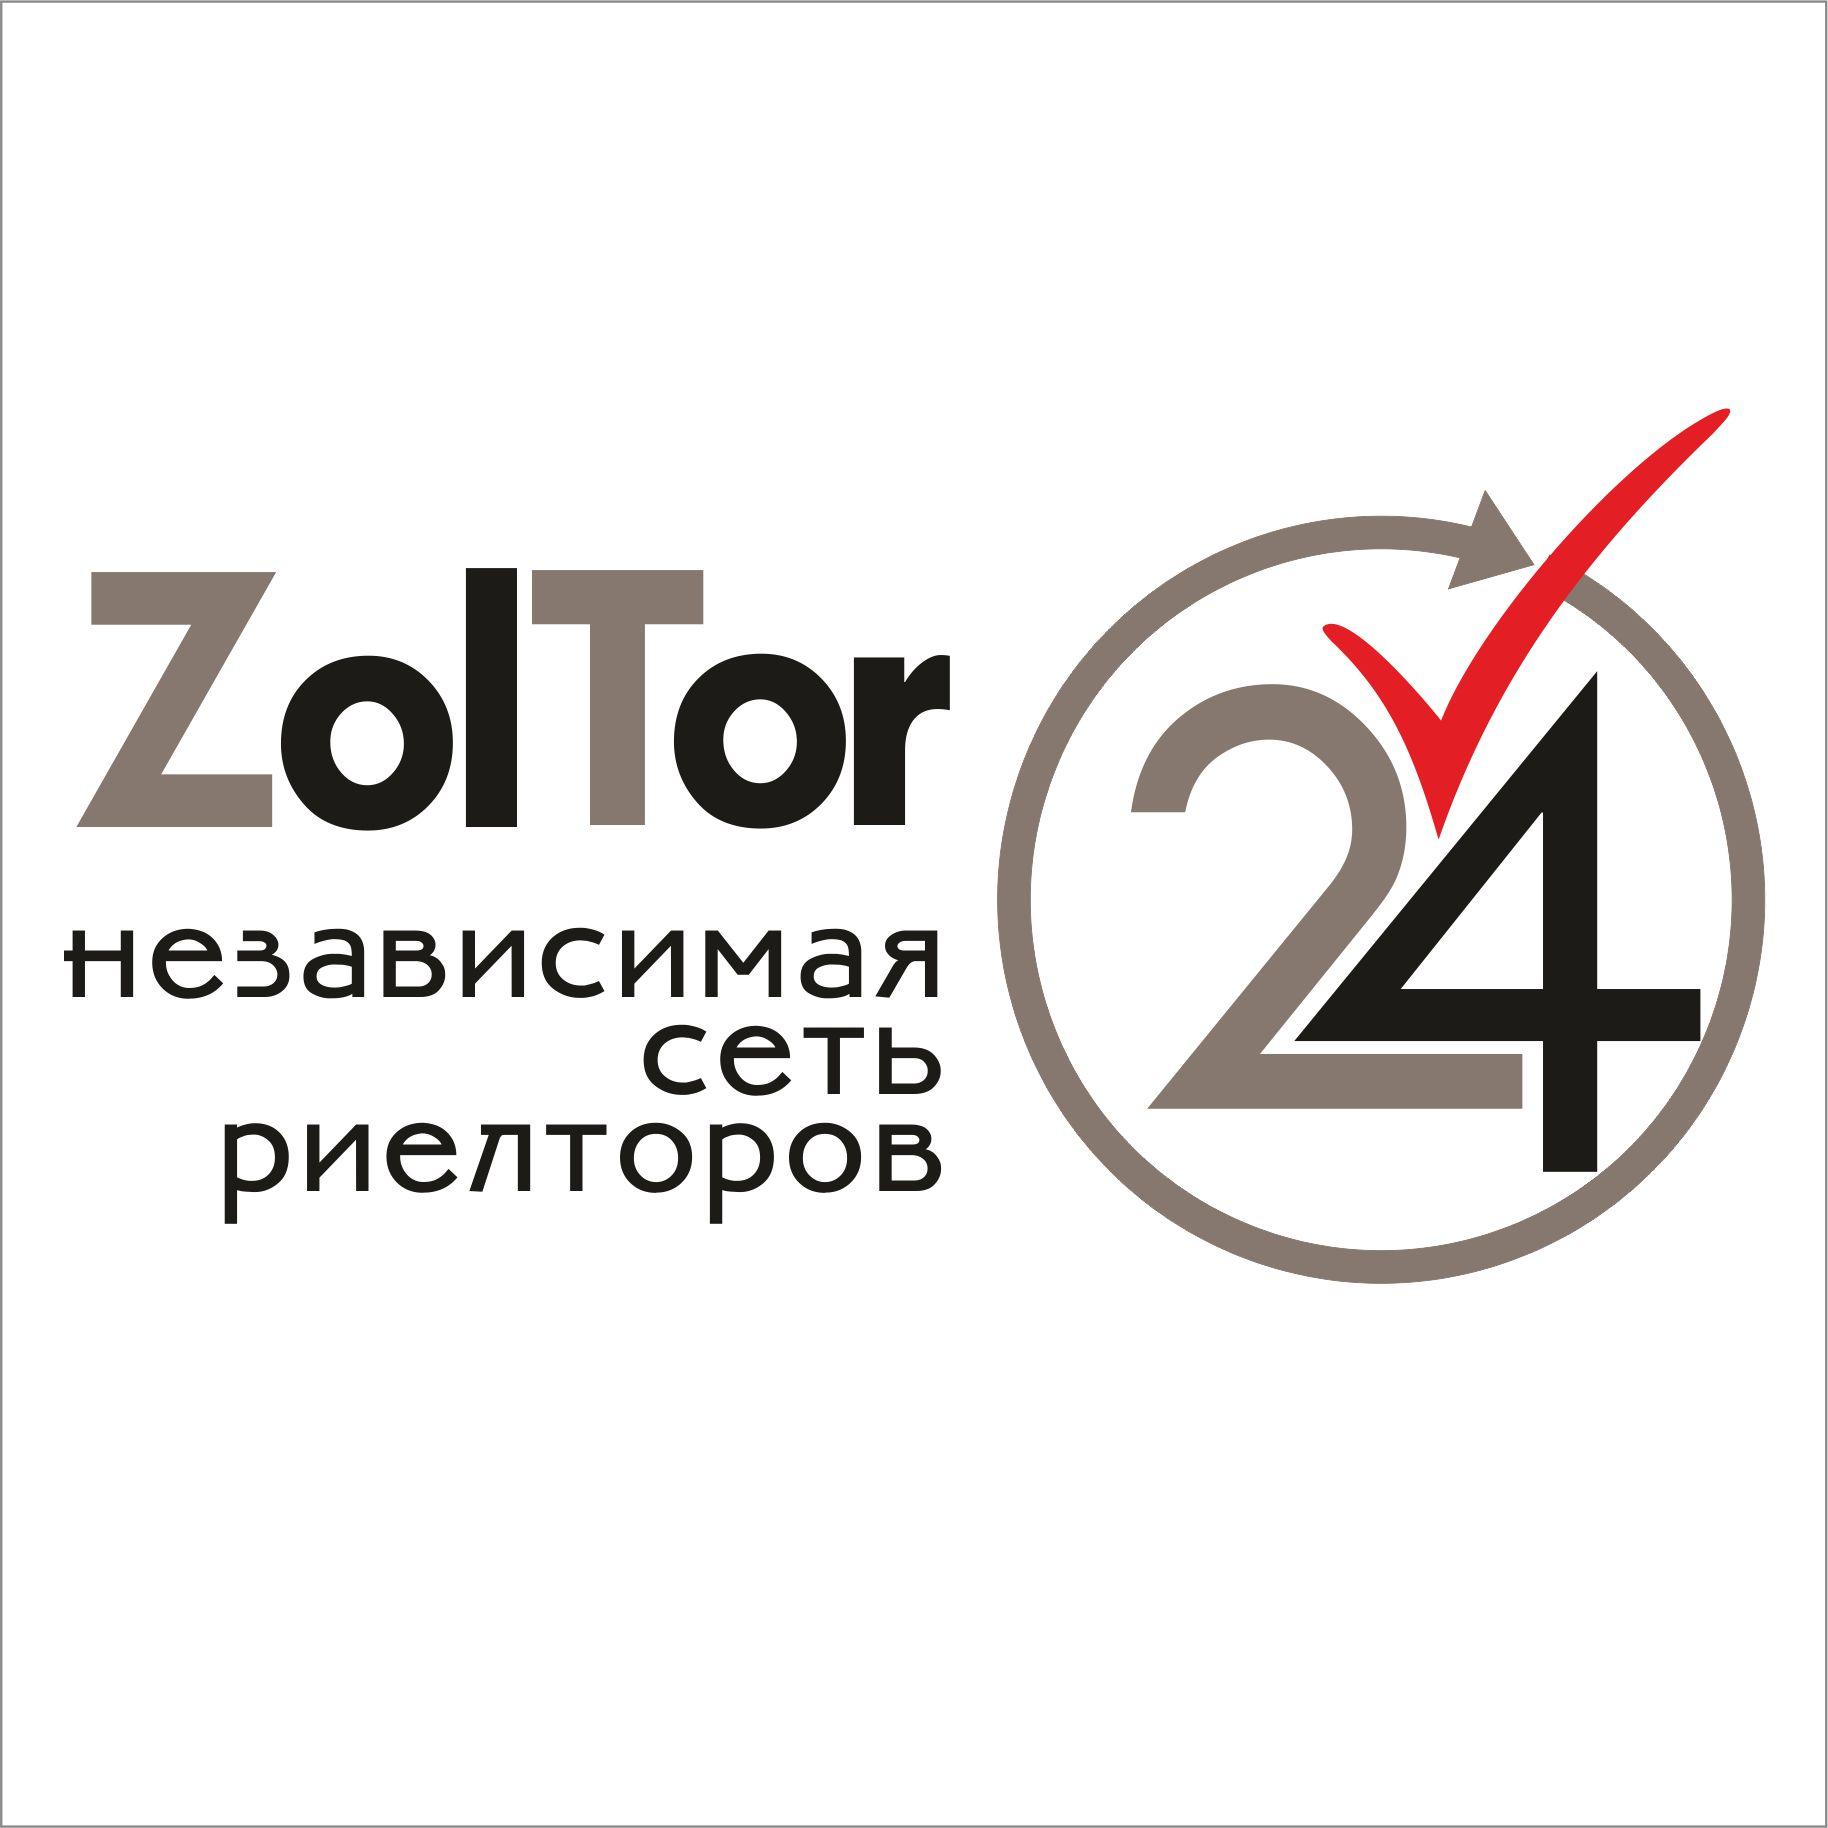 Логотип и фирменный стиль ZolTor24 фото f_7605c87b9afe5bcb.jpg